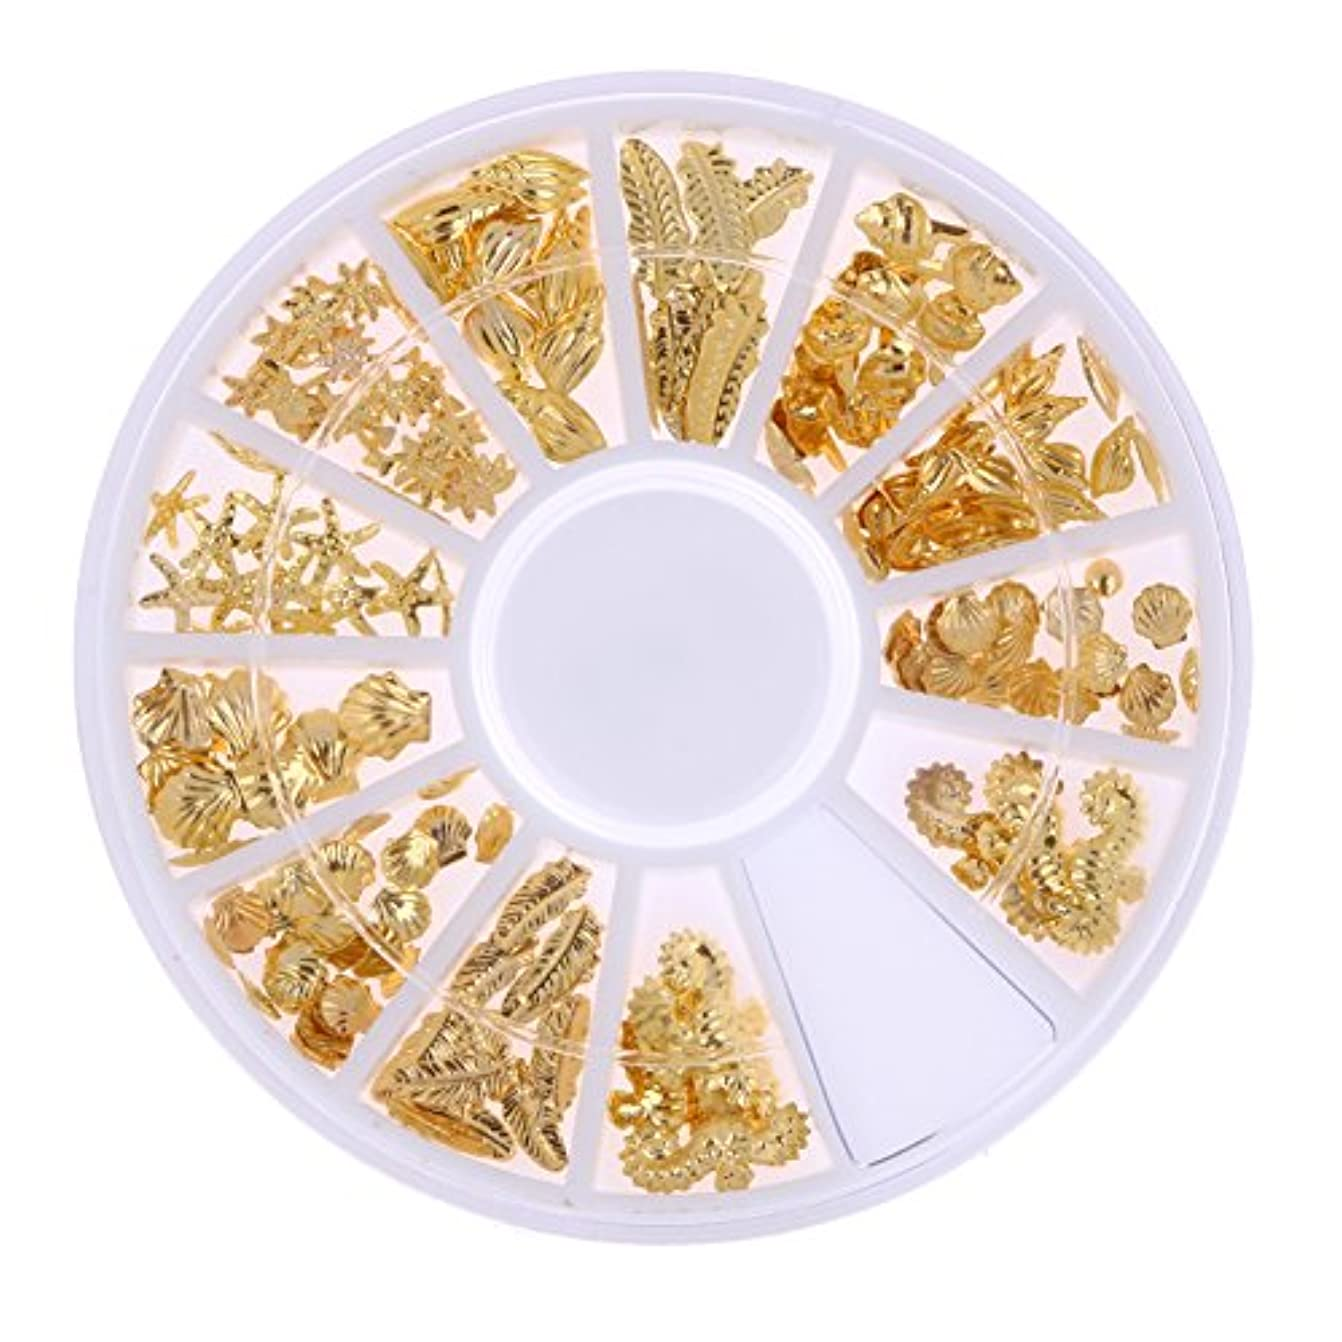 引き算ブースシャンパンDemiawaking ネイルパーツ メタル ネイルアート ゴールド 海テーマ(貝殻/海馬/海星) 12種類 DIY ネイルデコレーション ラウンドケース入 1個